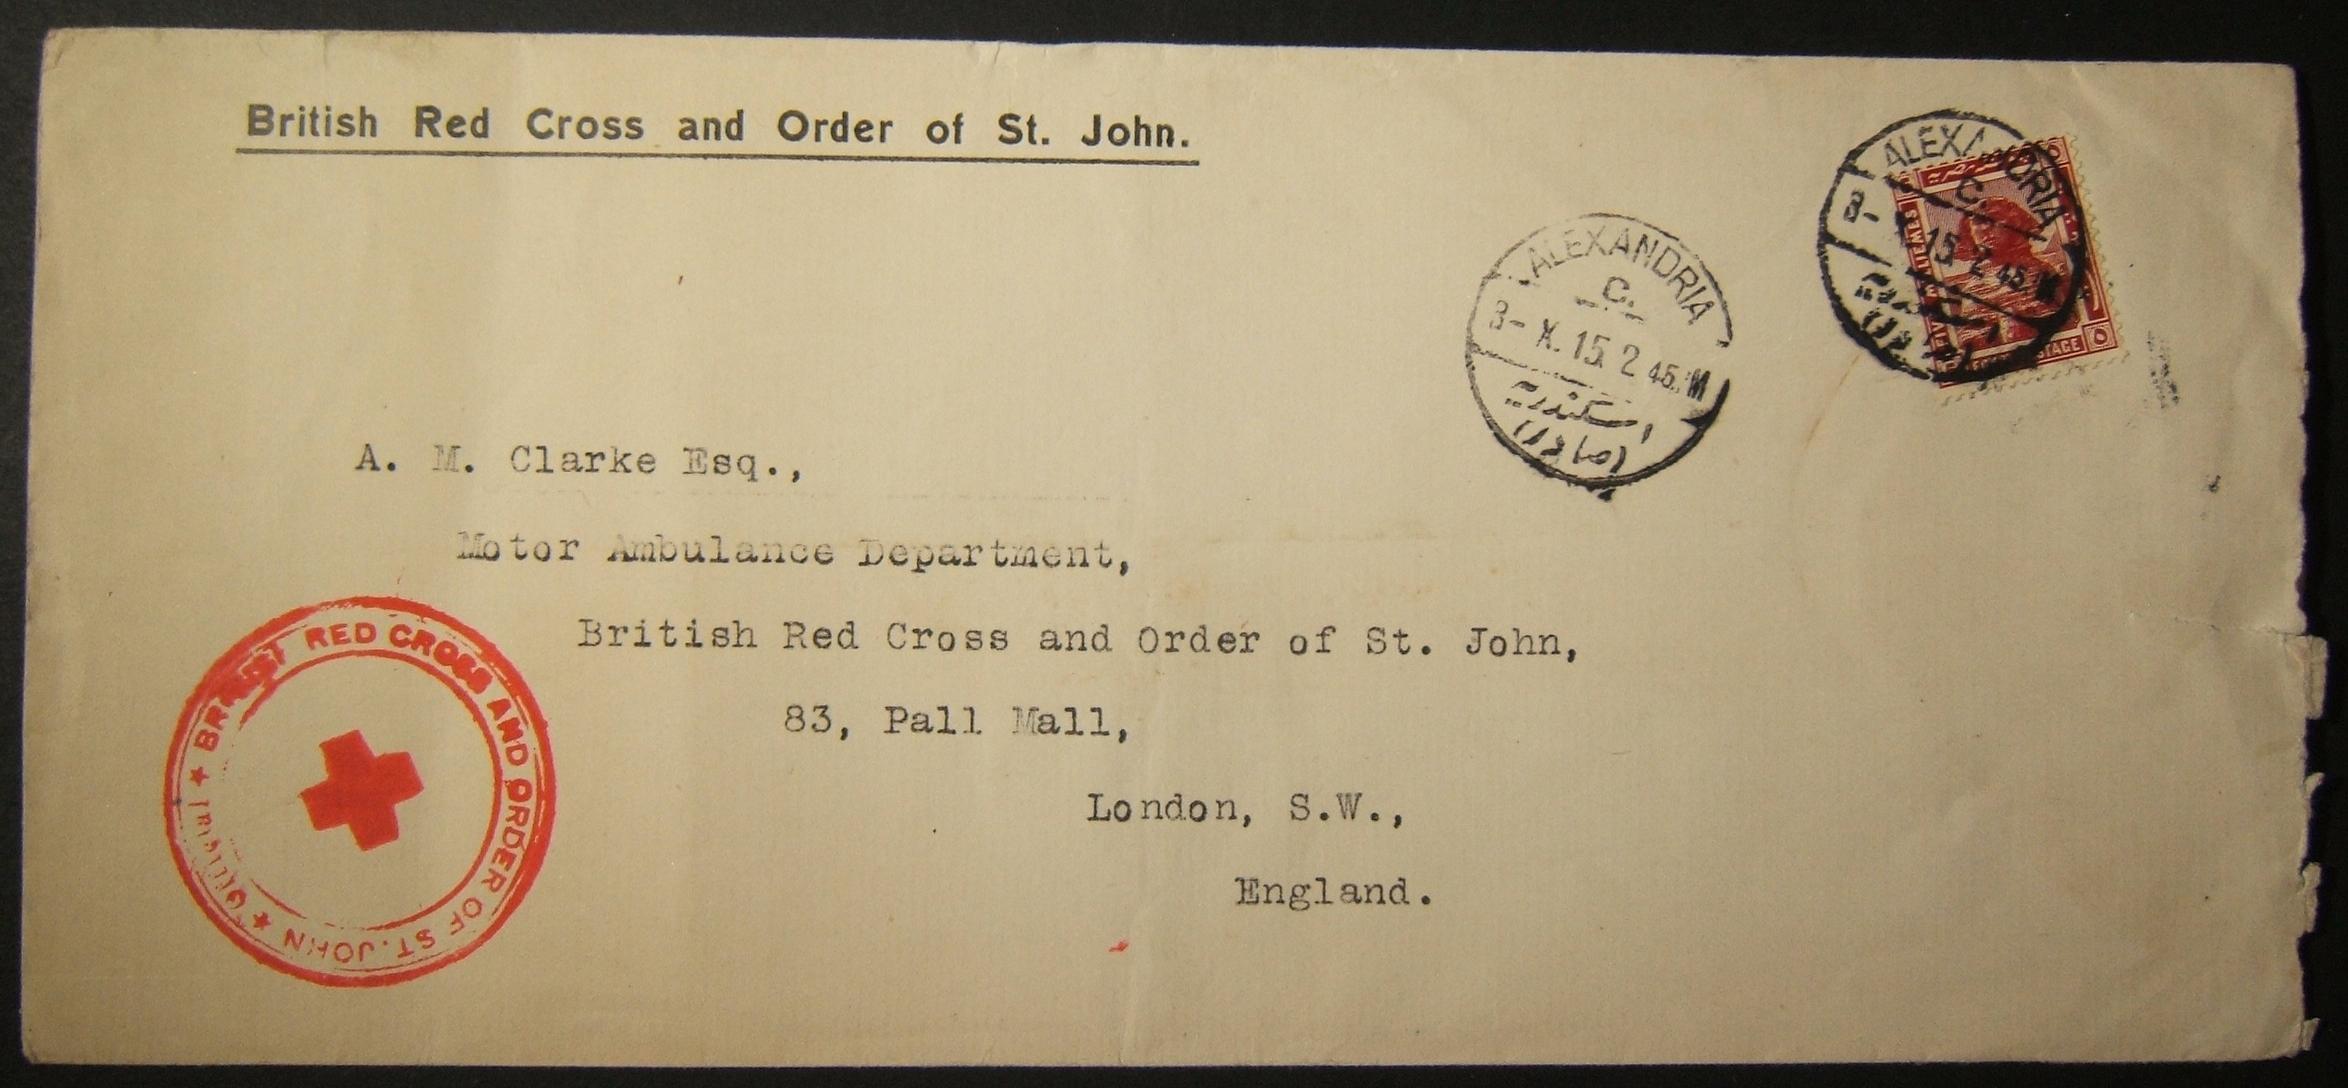 10/1915 WWI כנה הבריטי הצלב האדום / צו סנט ג'ון דואר אל בריטניה דרך הדואר המצרי